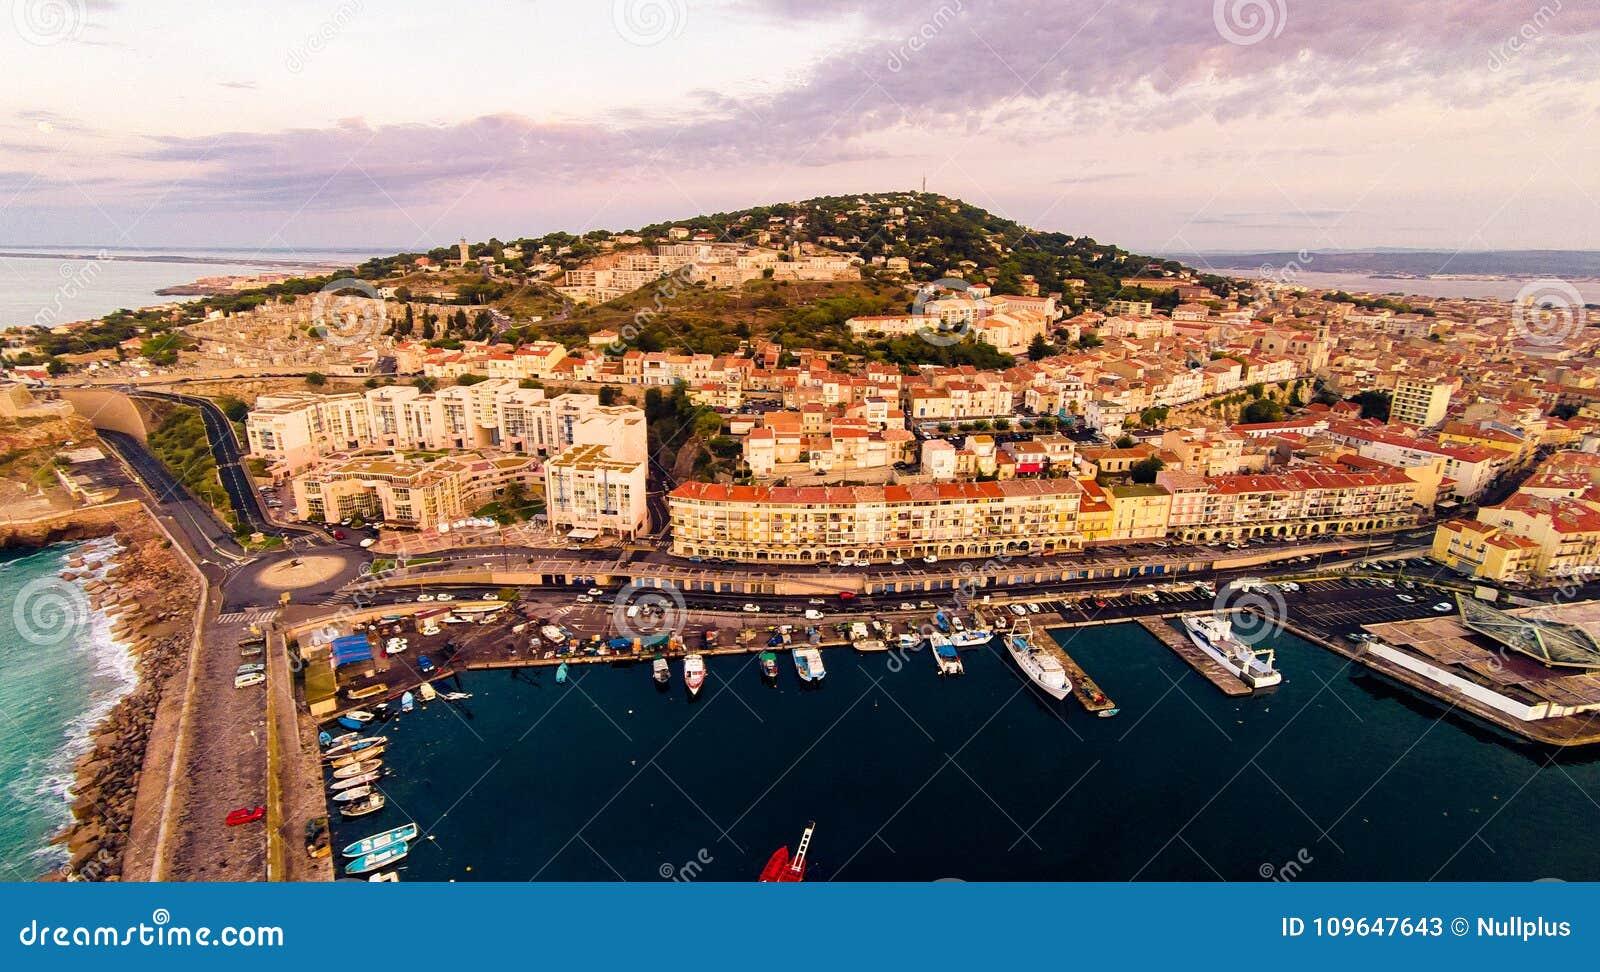 Εναέρια άποψη Sete, Γαλλία